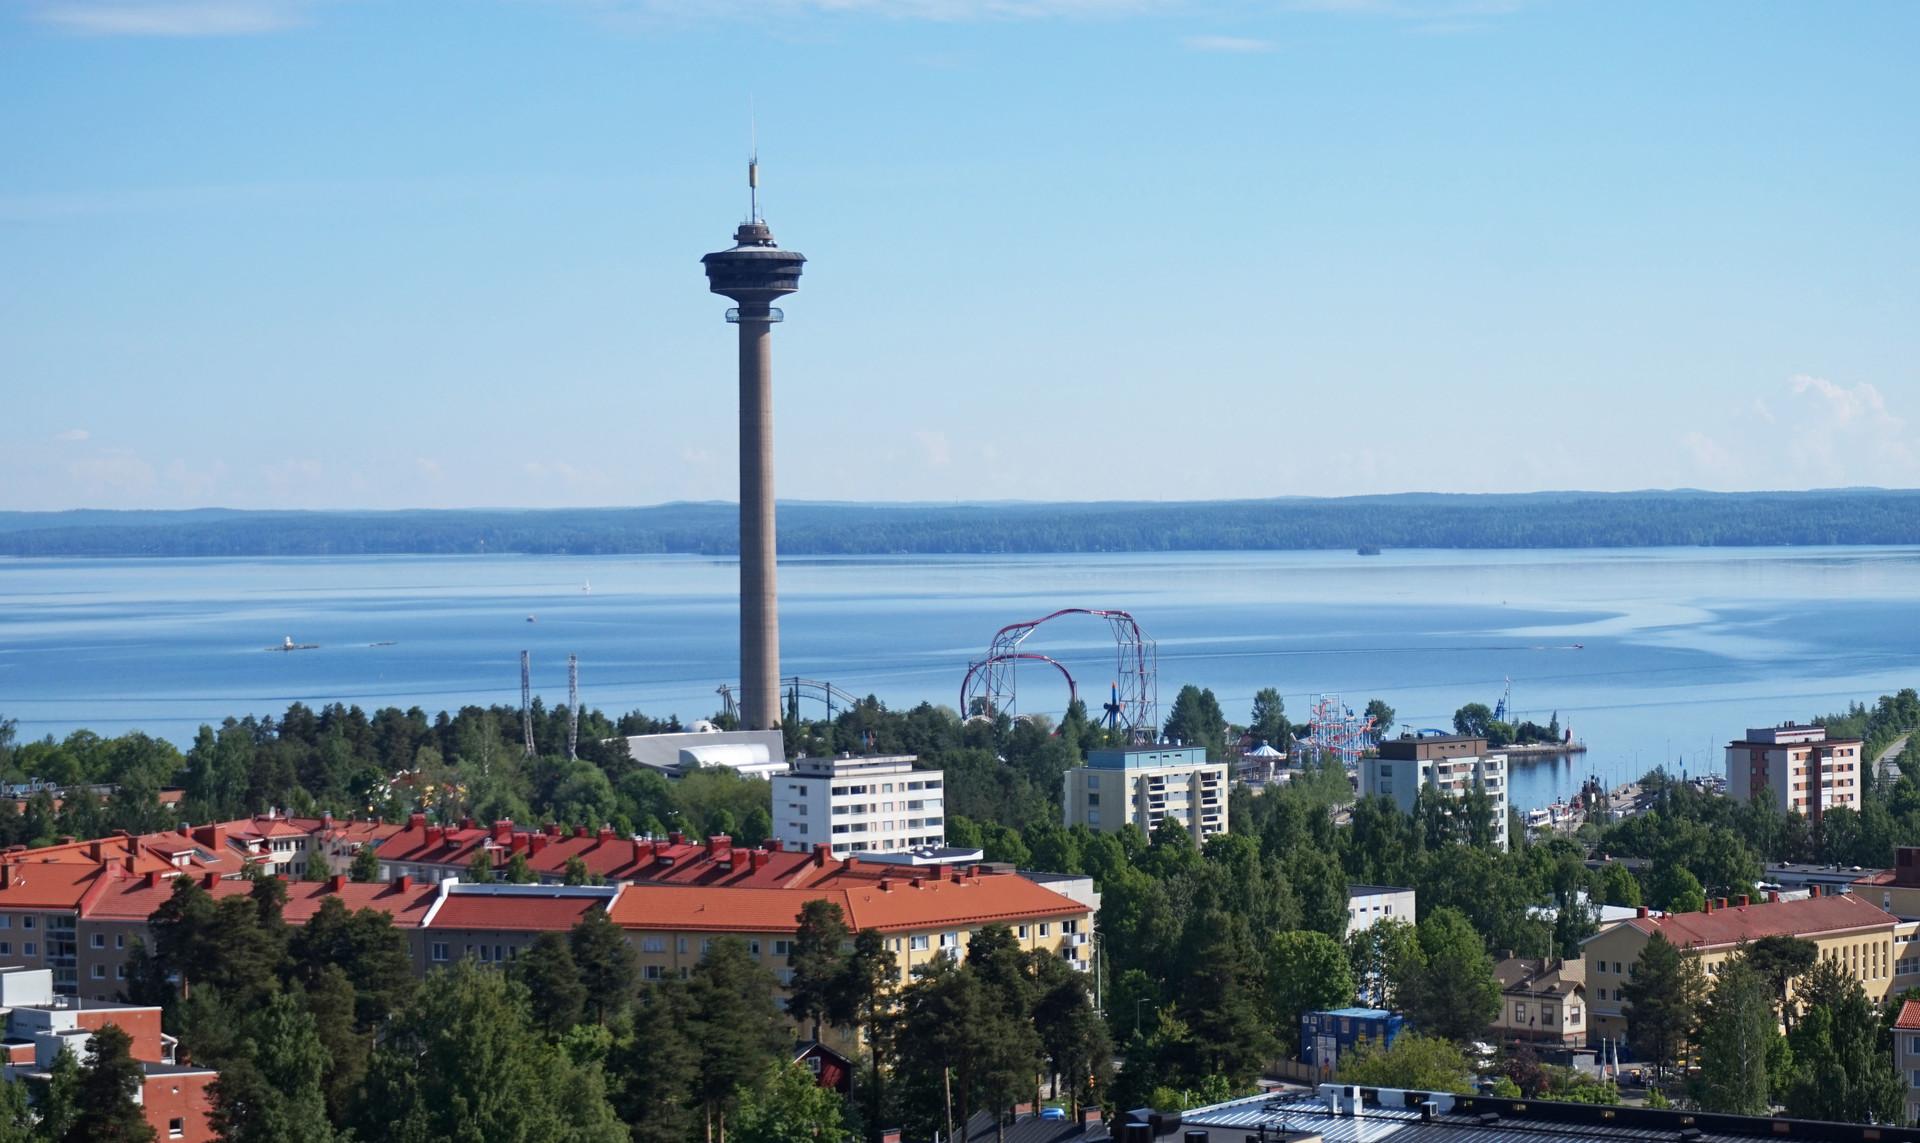 Poca Kuopio